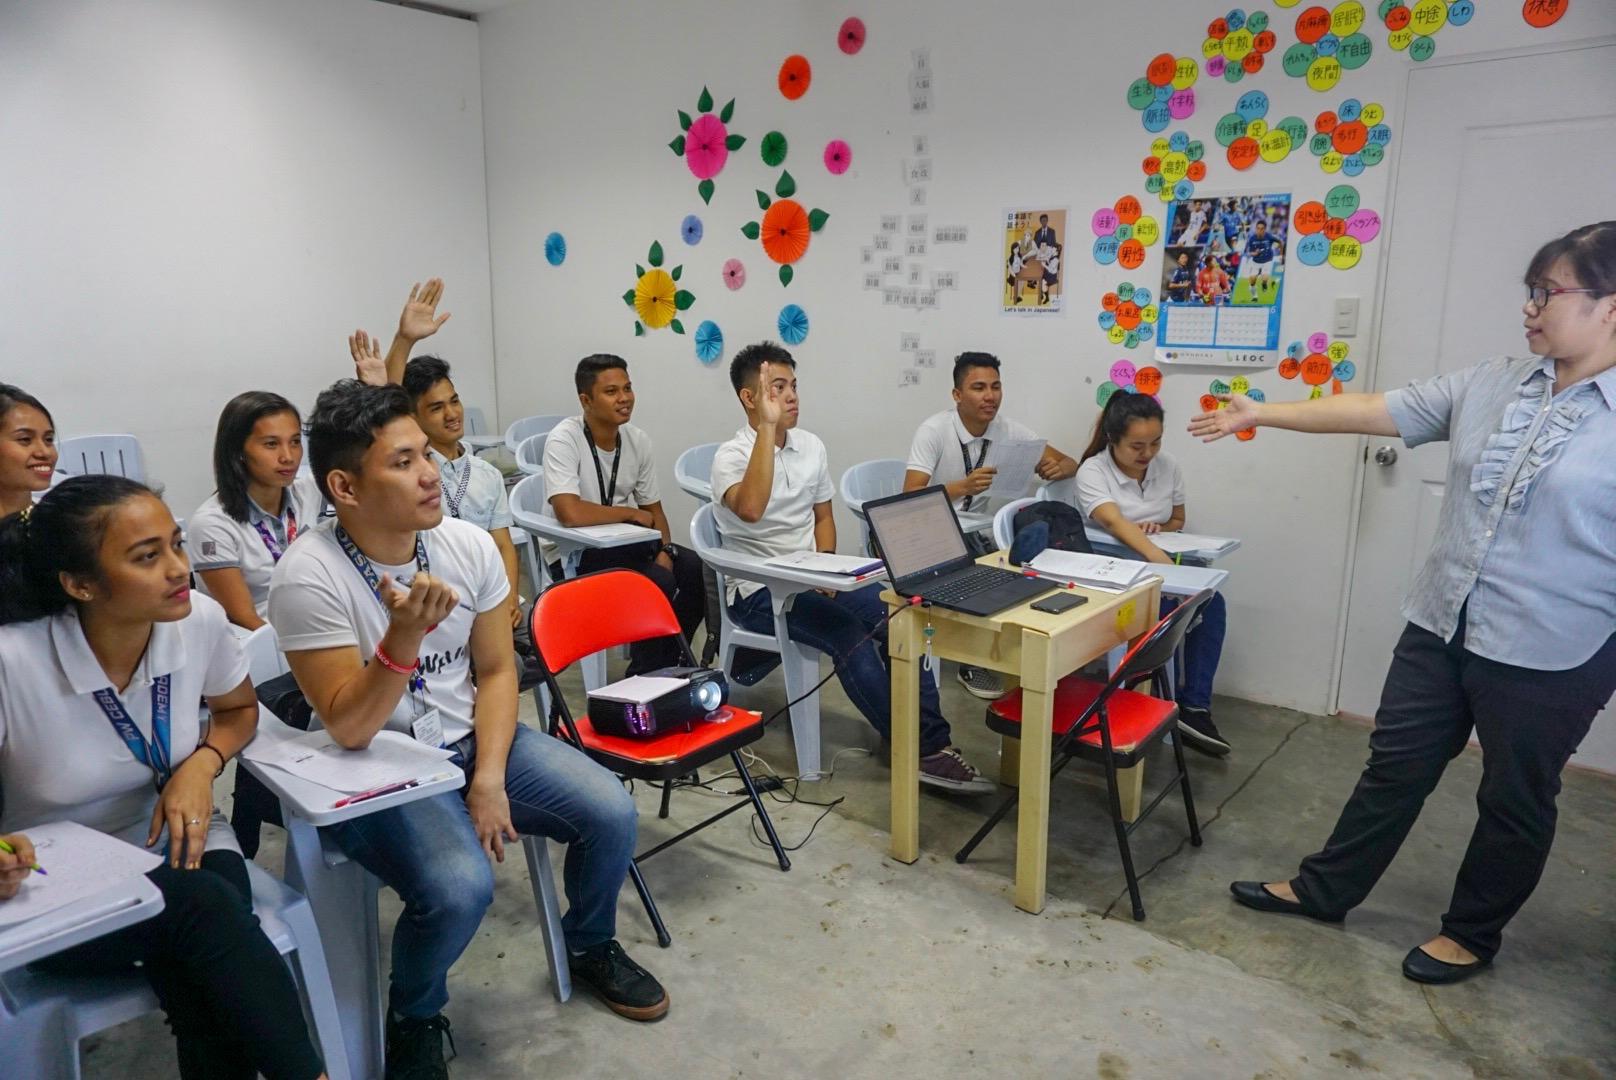 【PR Table】「介護現場と東南アジアの想いをつなぐ──ONODERA USER RUNの人財教育」を公開いたしました